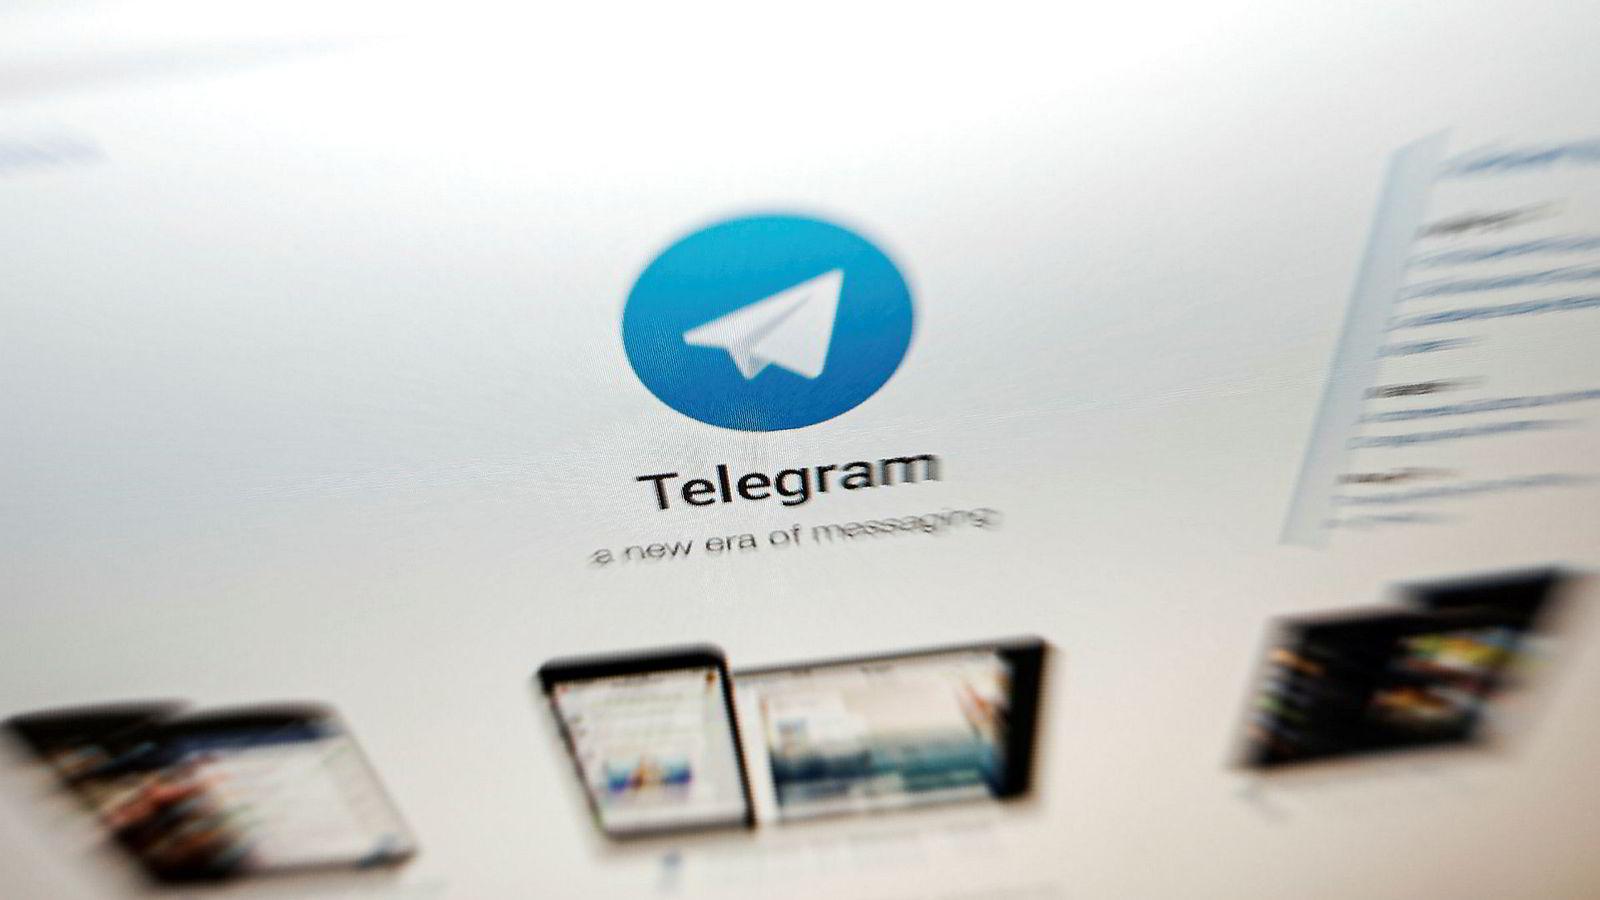 Kina har angrepet den krypterte meldingstjenesten Telegram. Tjenesten er benyttet av demonstranter i Hongkong for å arrangere og koordinere protester den siste uken.